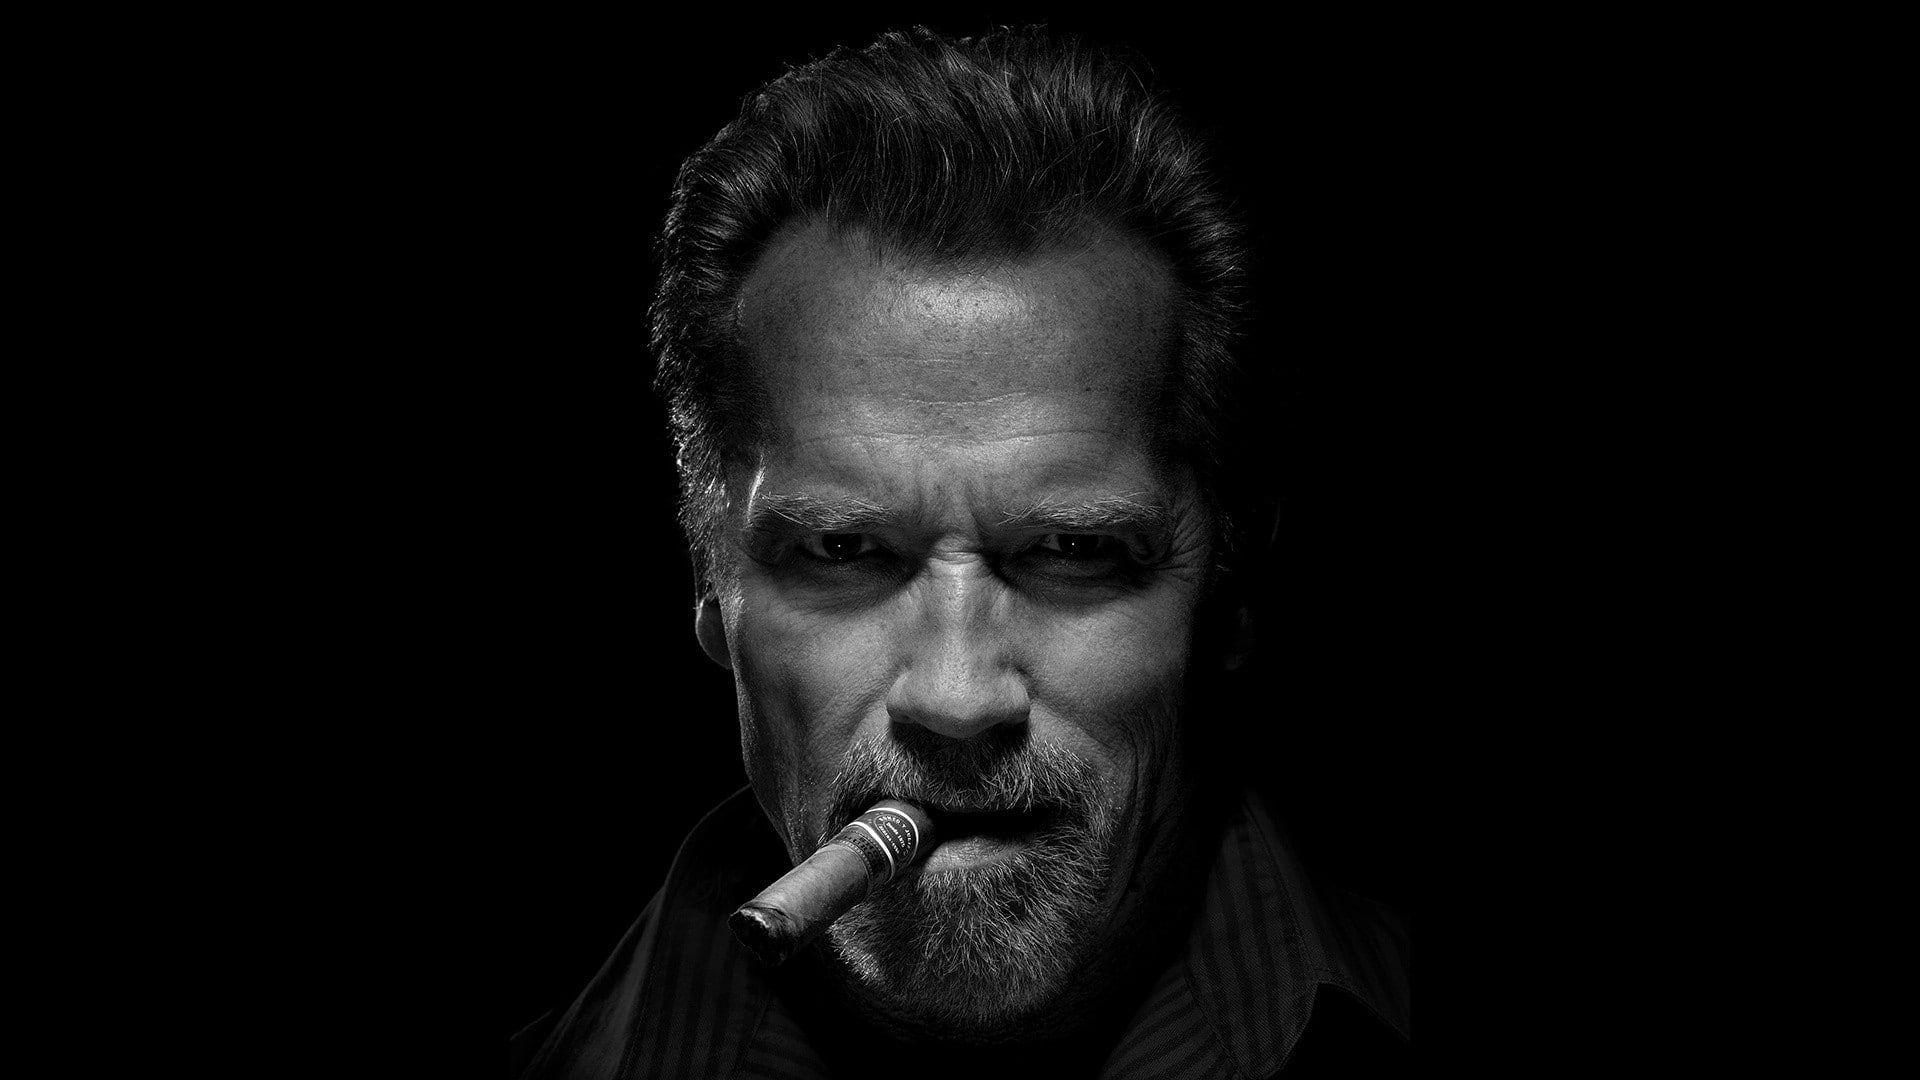 Arnold Schwarzenegger Wallpaper Best Cool Wallpaper Hd Download Arnold Schwarzenegger Arnold Schwarzenegger Bodybuilding Bodybuilding Quotes